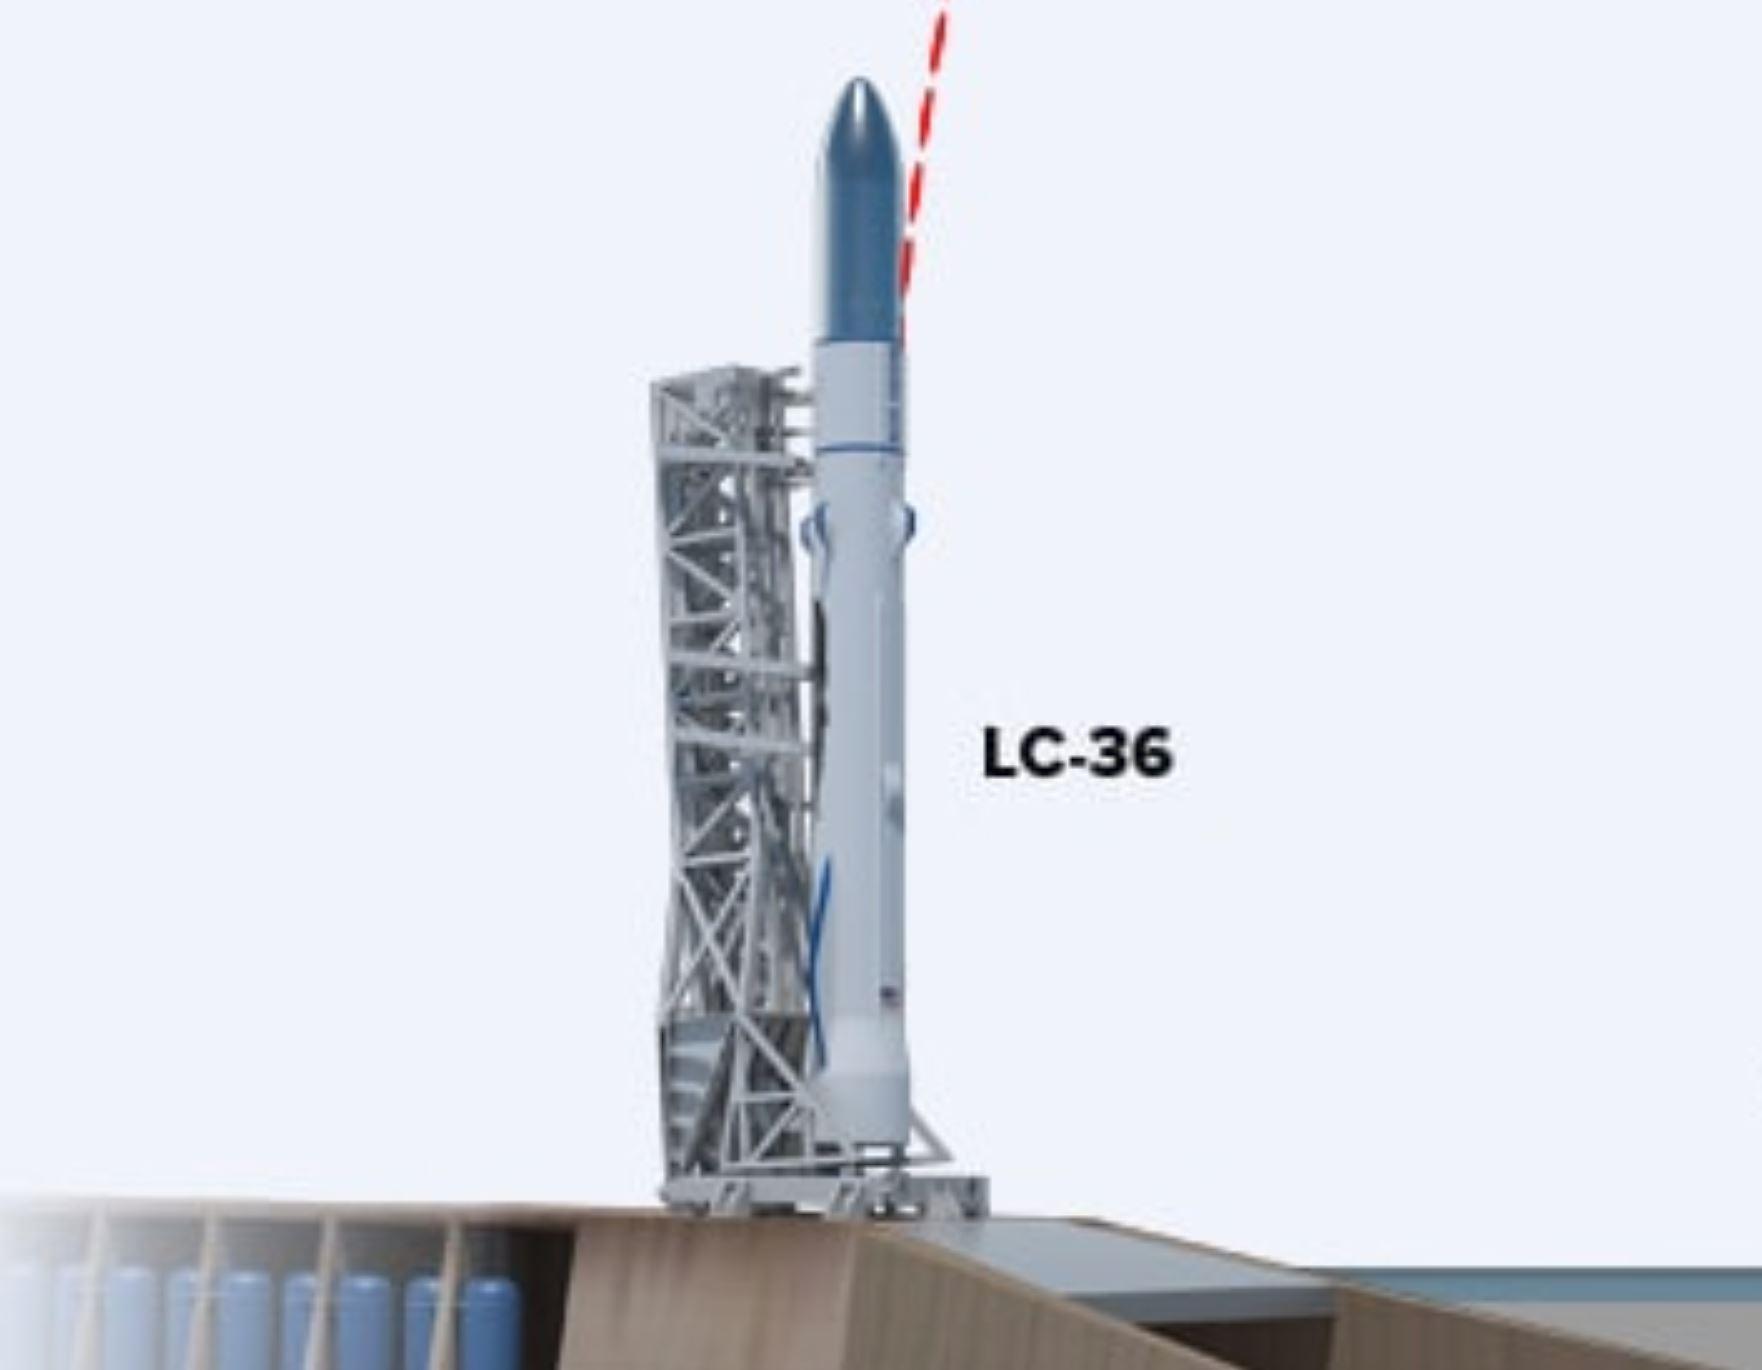 New Glenn LC-36 launch site concept (Blue Origin)